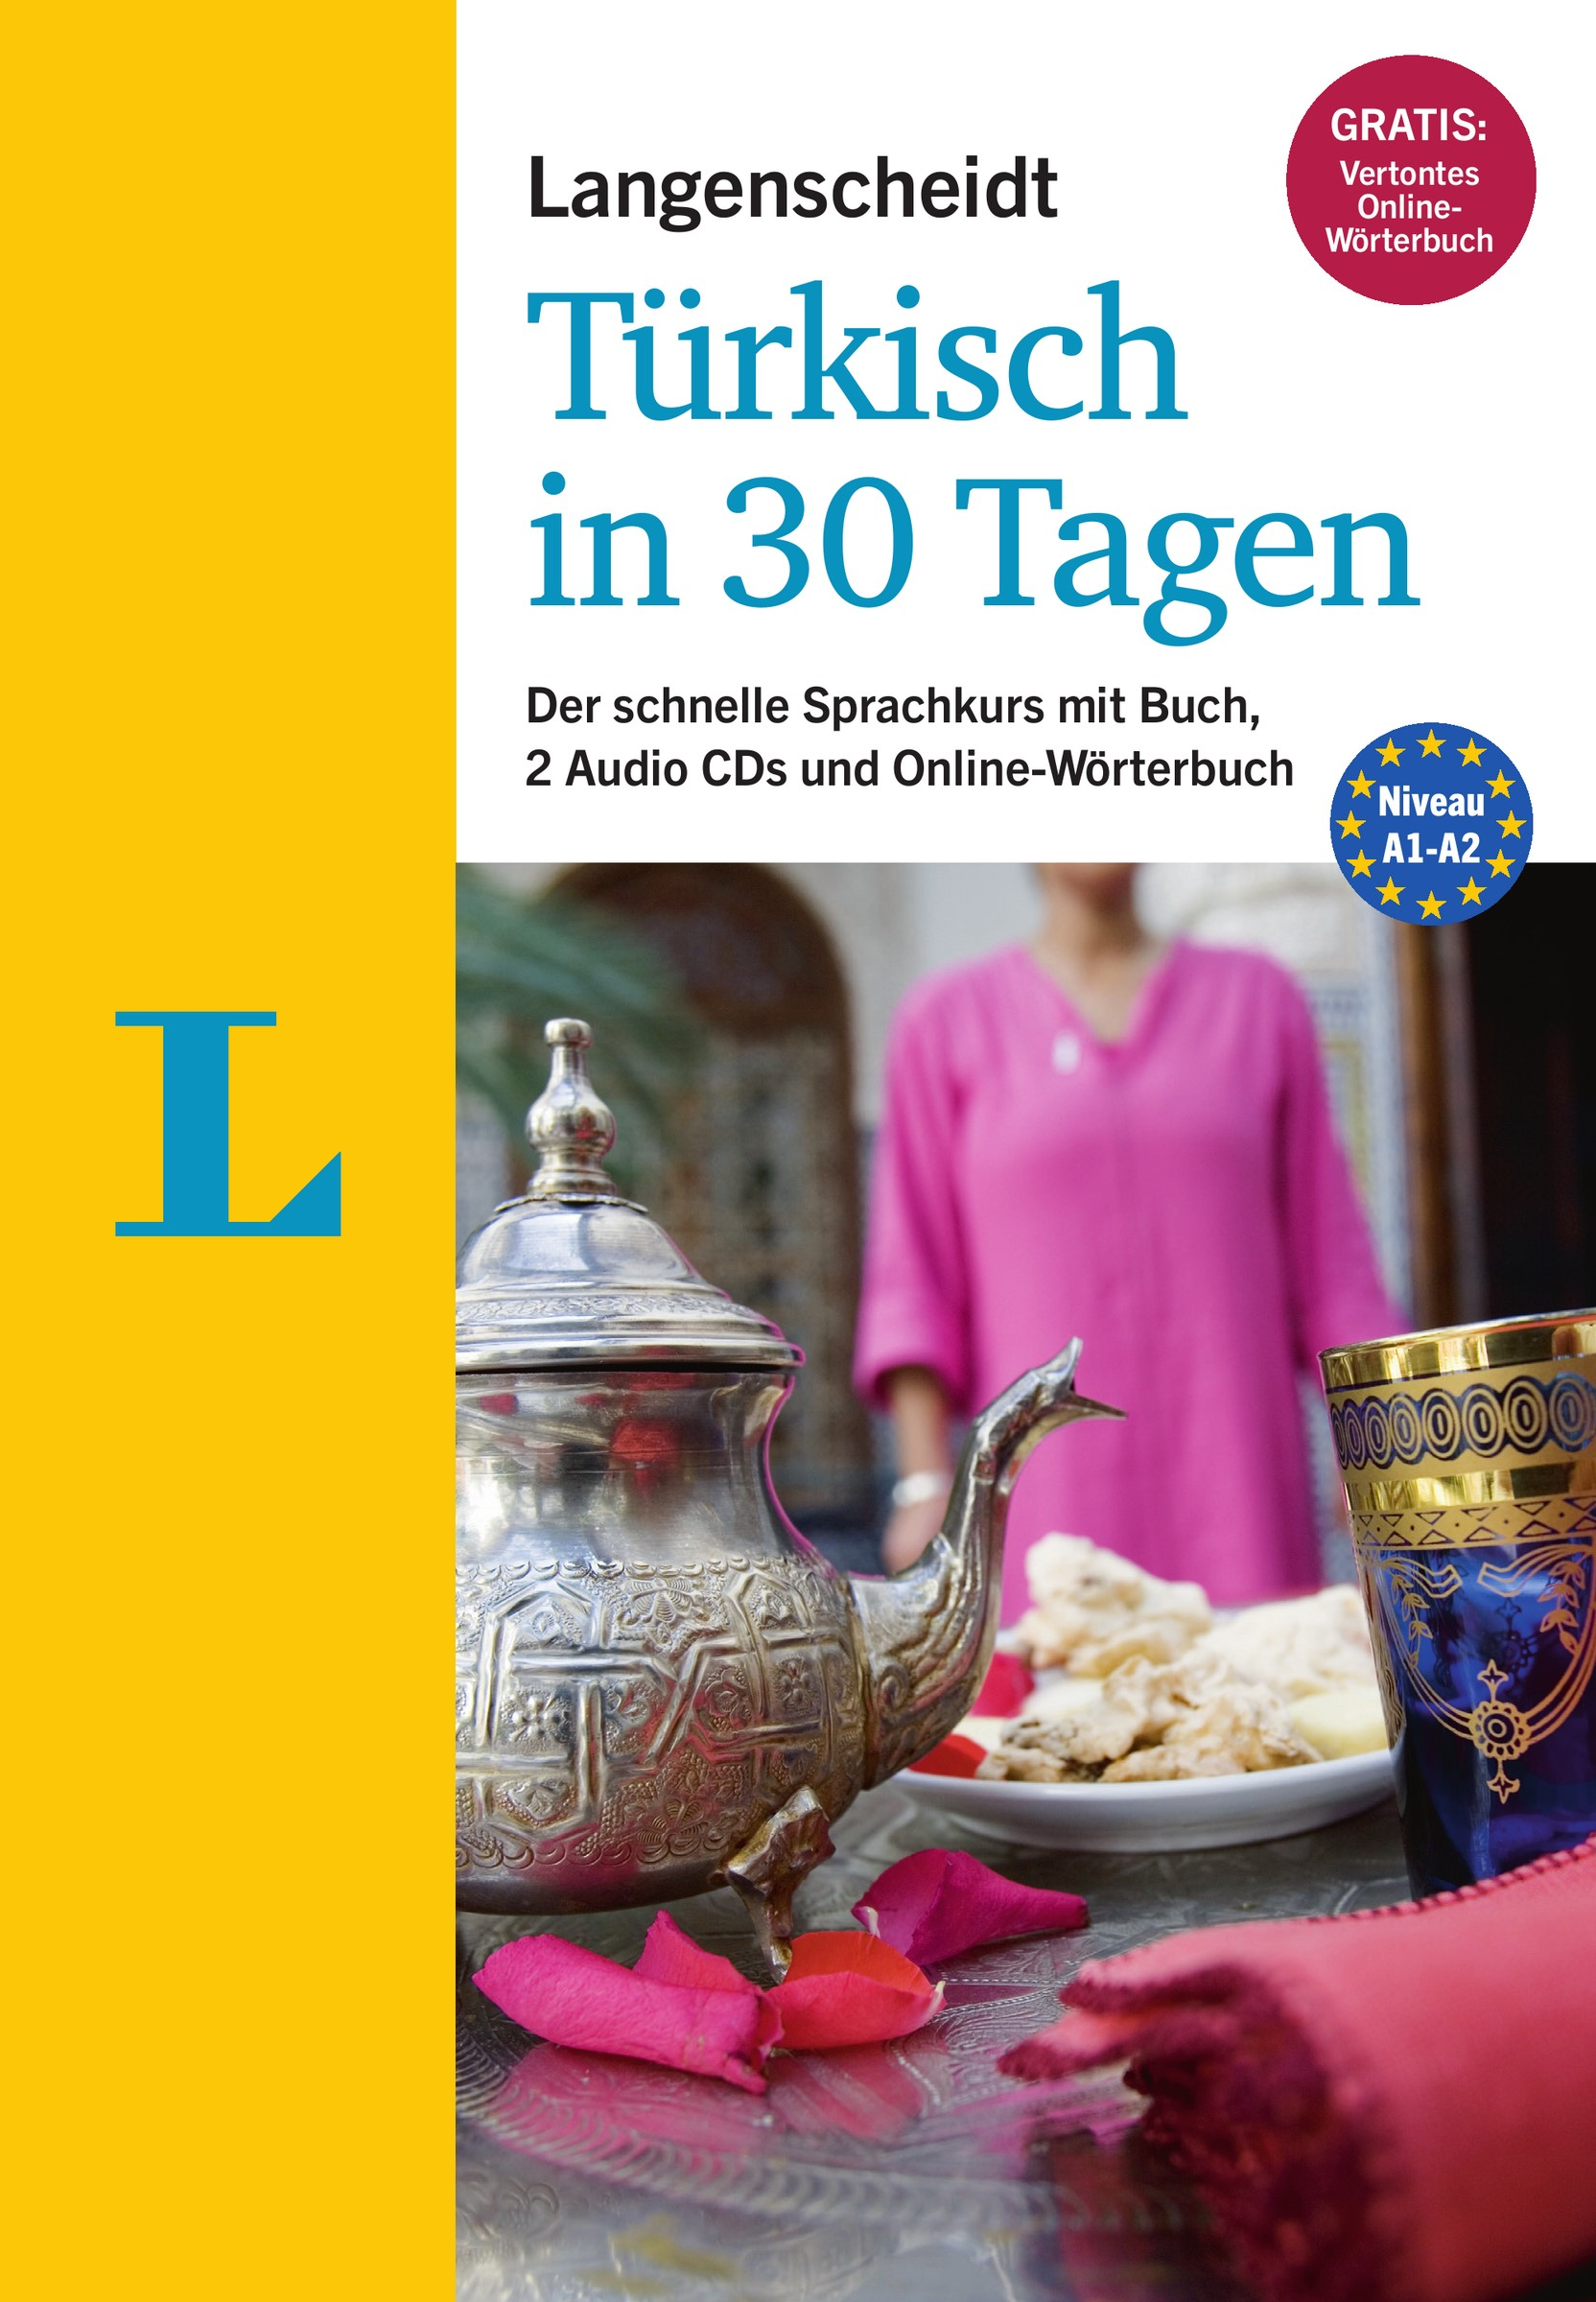 Langenscheidt Türkisch in 30 Tagen - Der Sprachkurs für Anfänger und Wiedereinsteiger | Moser-Weithmann / Ünver-Lischewski, 2014 | Buch (Cover)